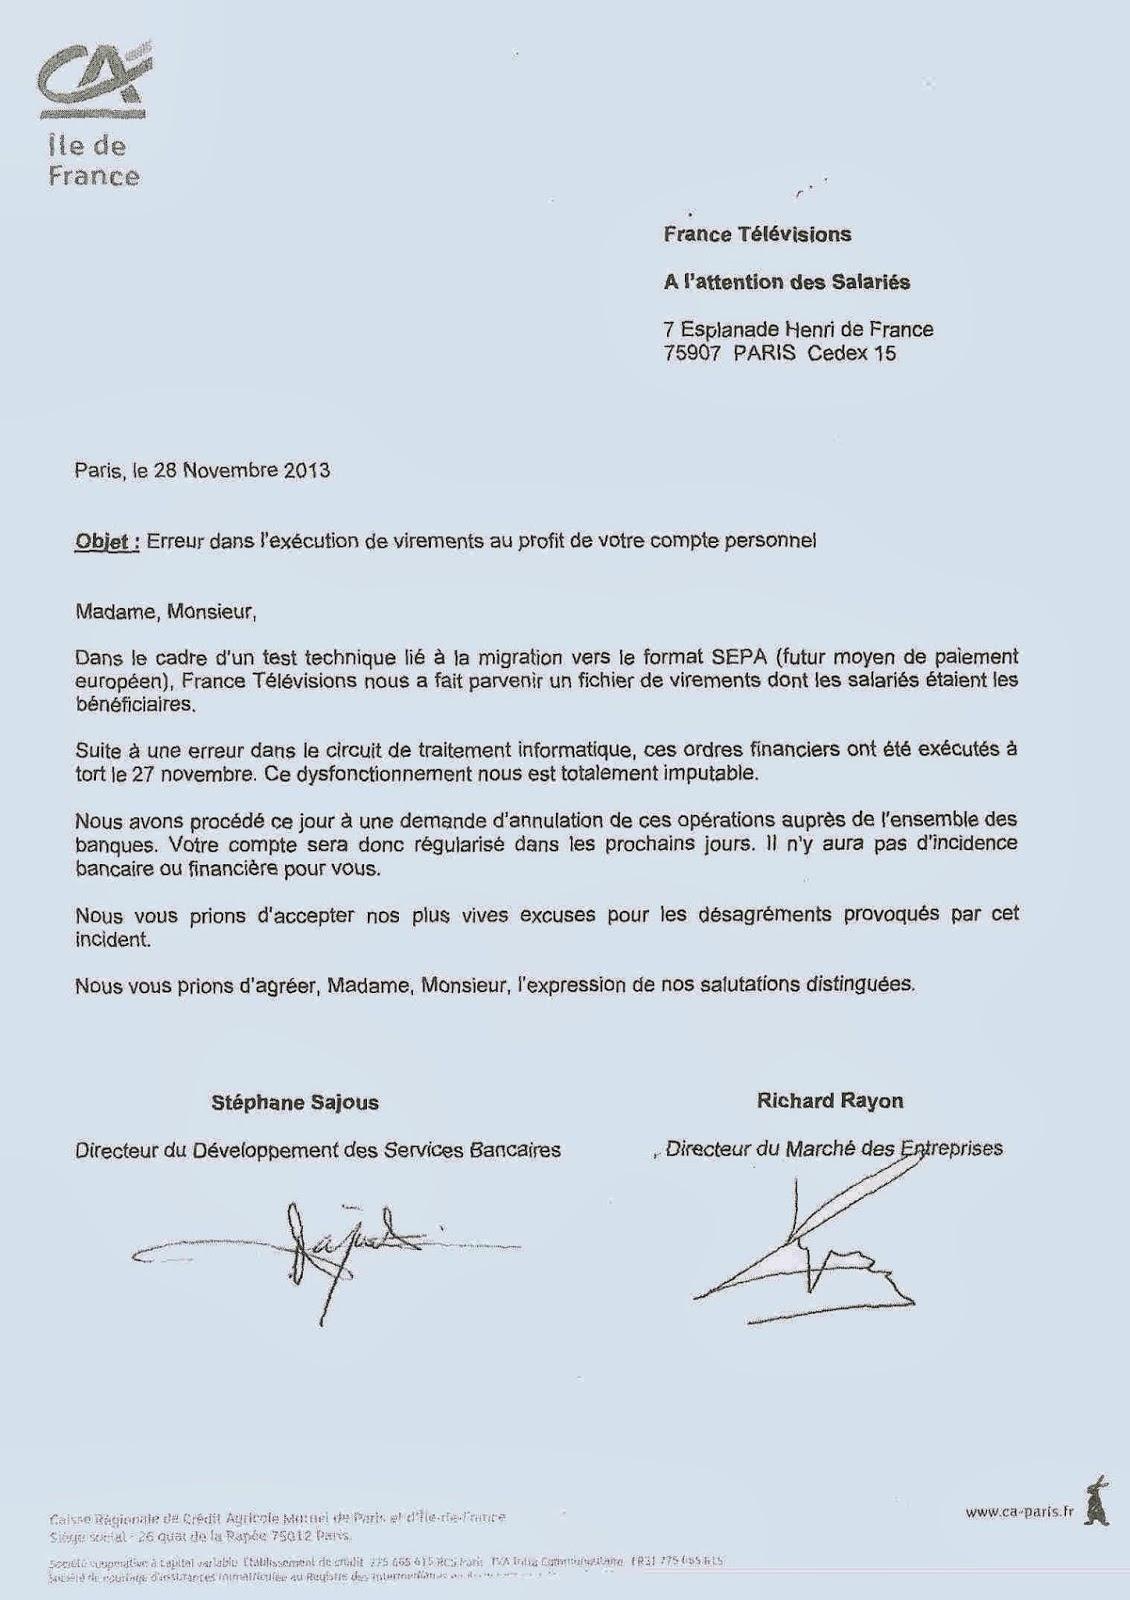 Le Blog CGC des Médias: 01 décembre 2013